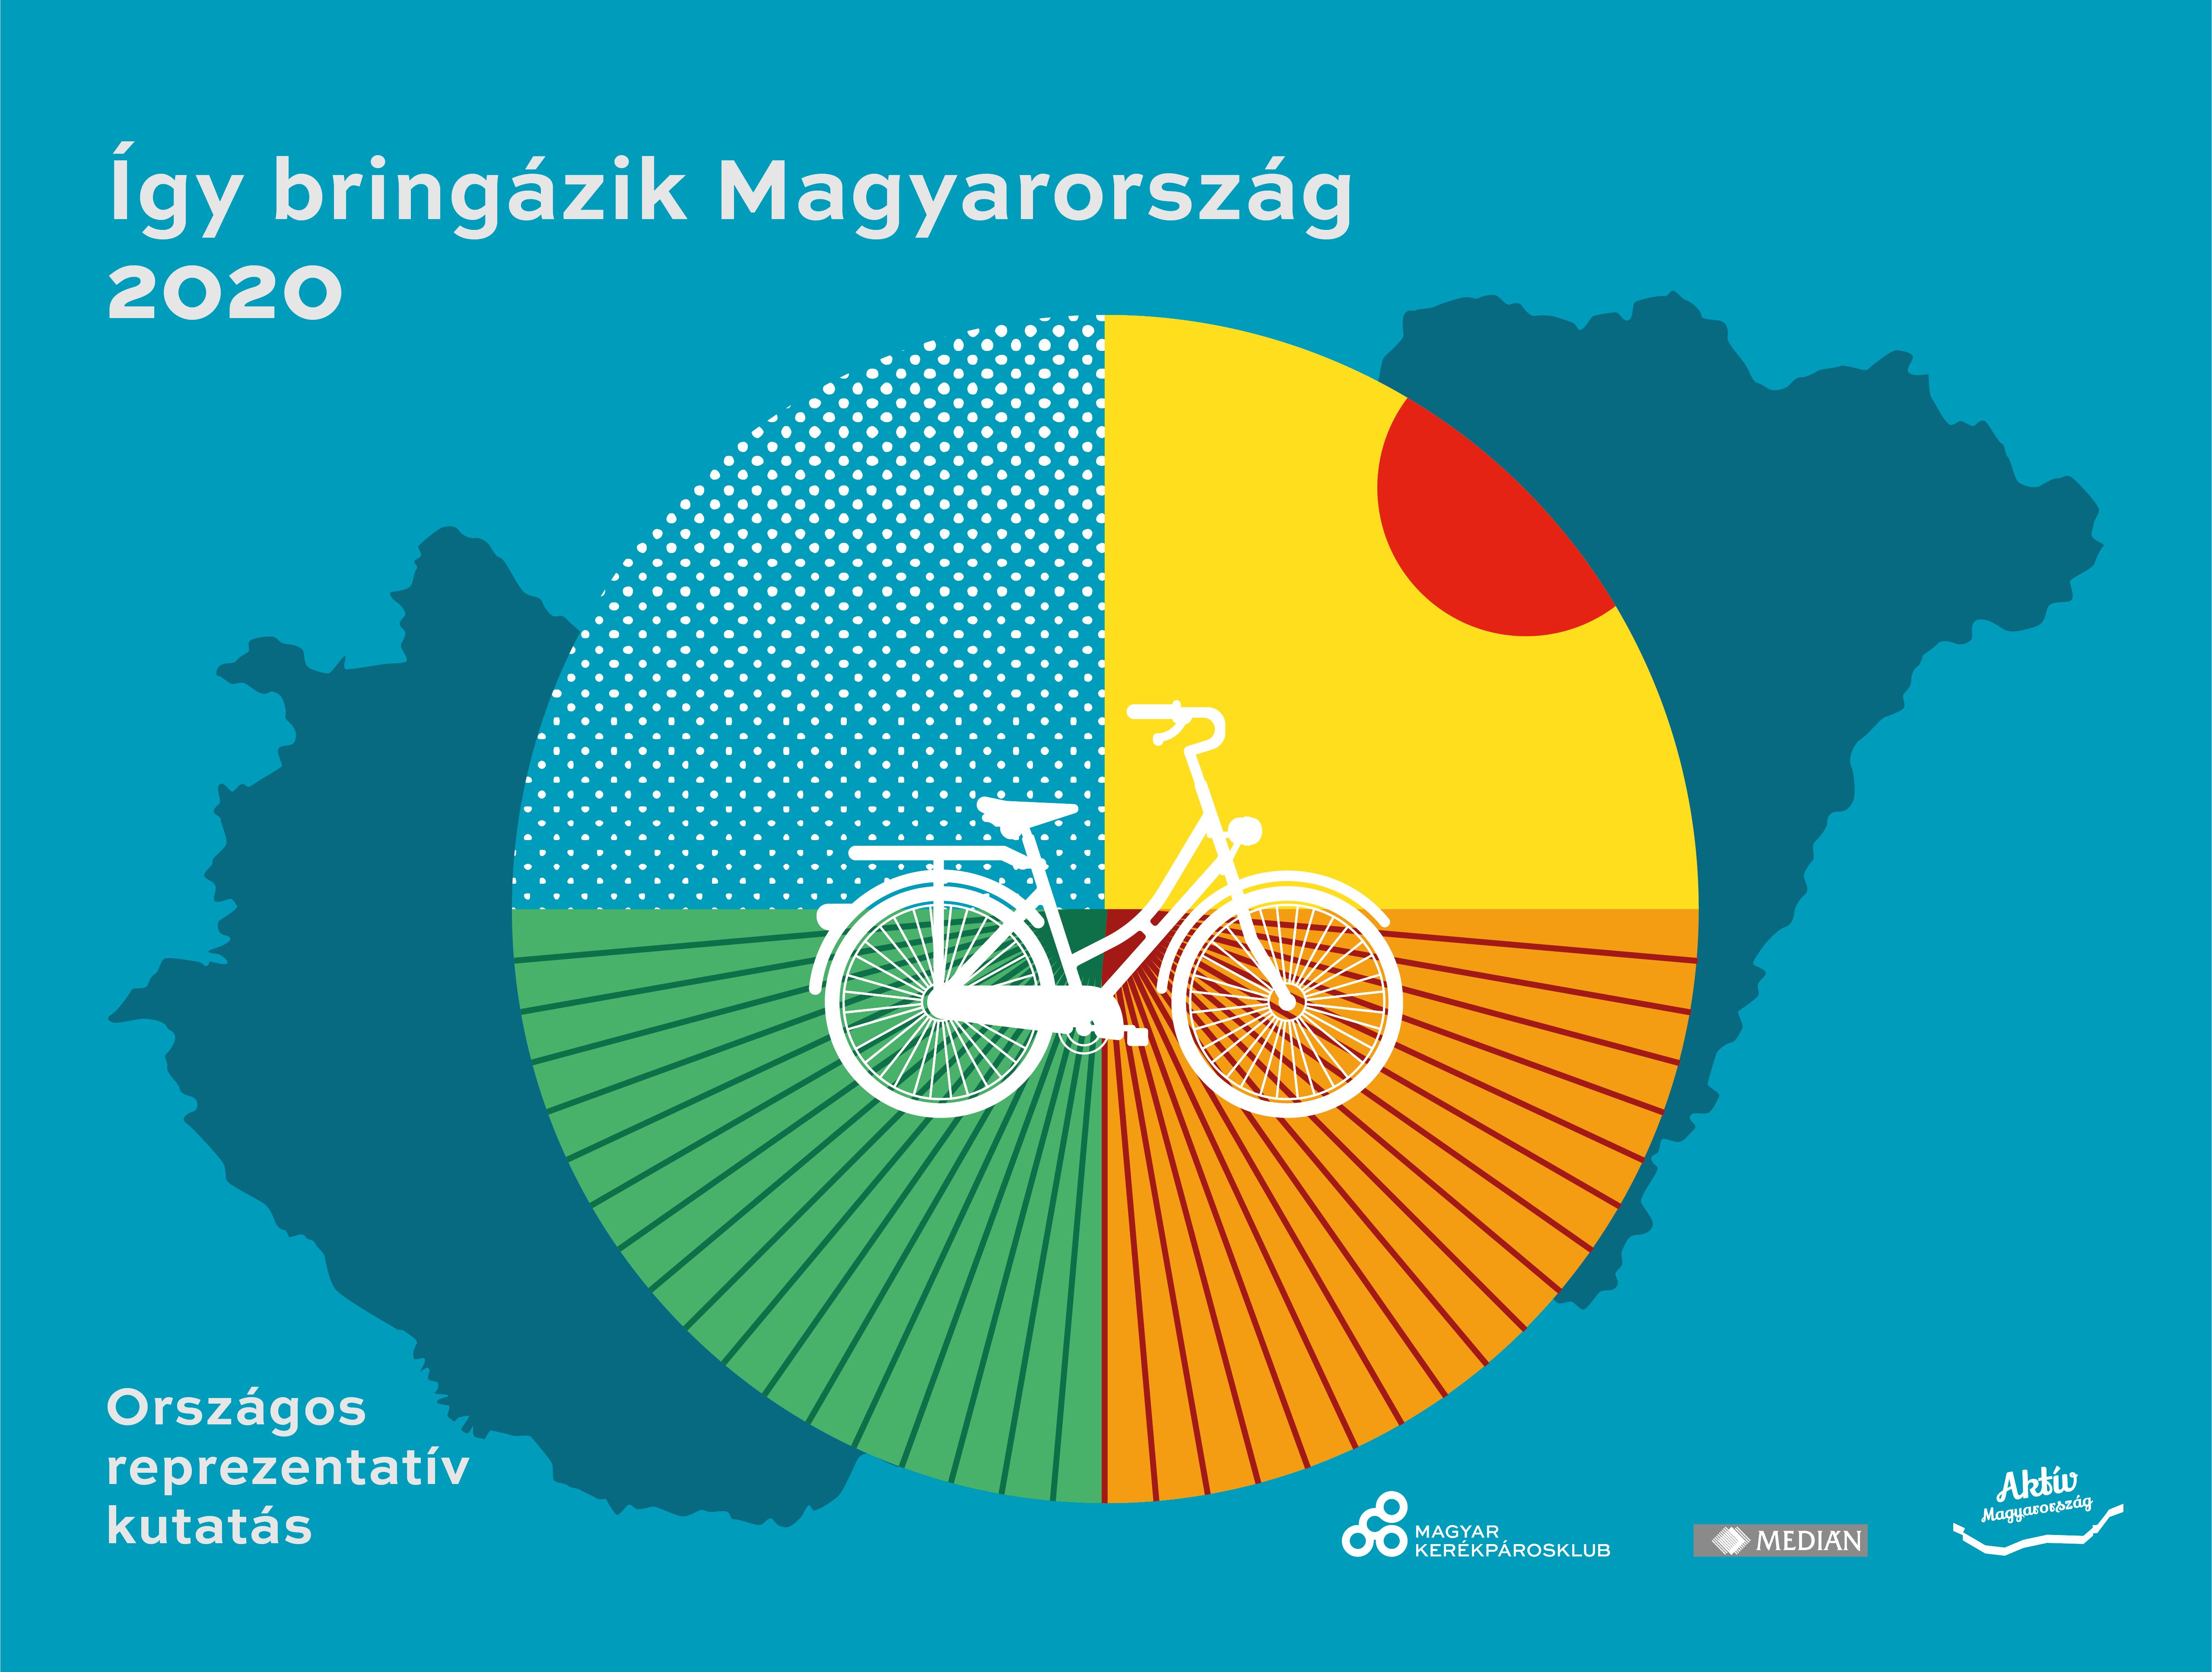 Ugyanannyi kormánypárti és ellenzéki kerékpározik, sokan bicikliznek a járvány miatt – országos kutatás 2020